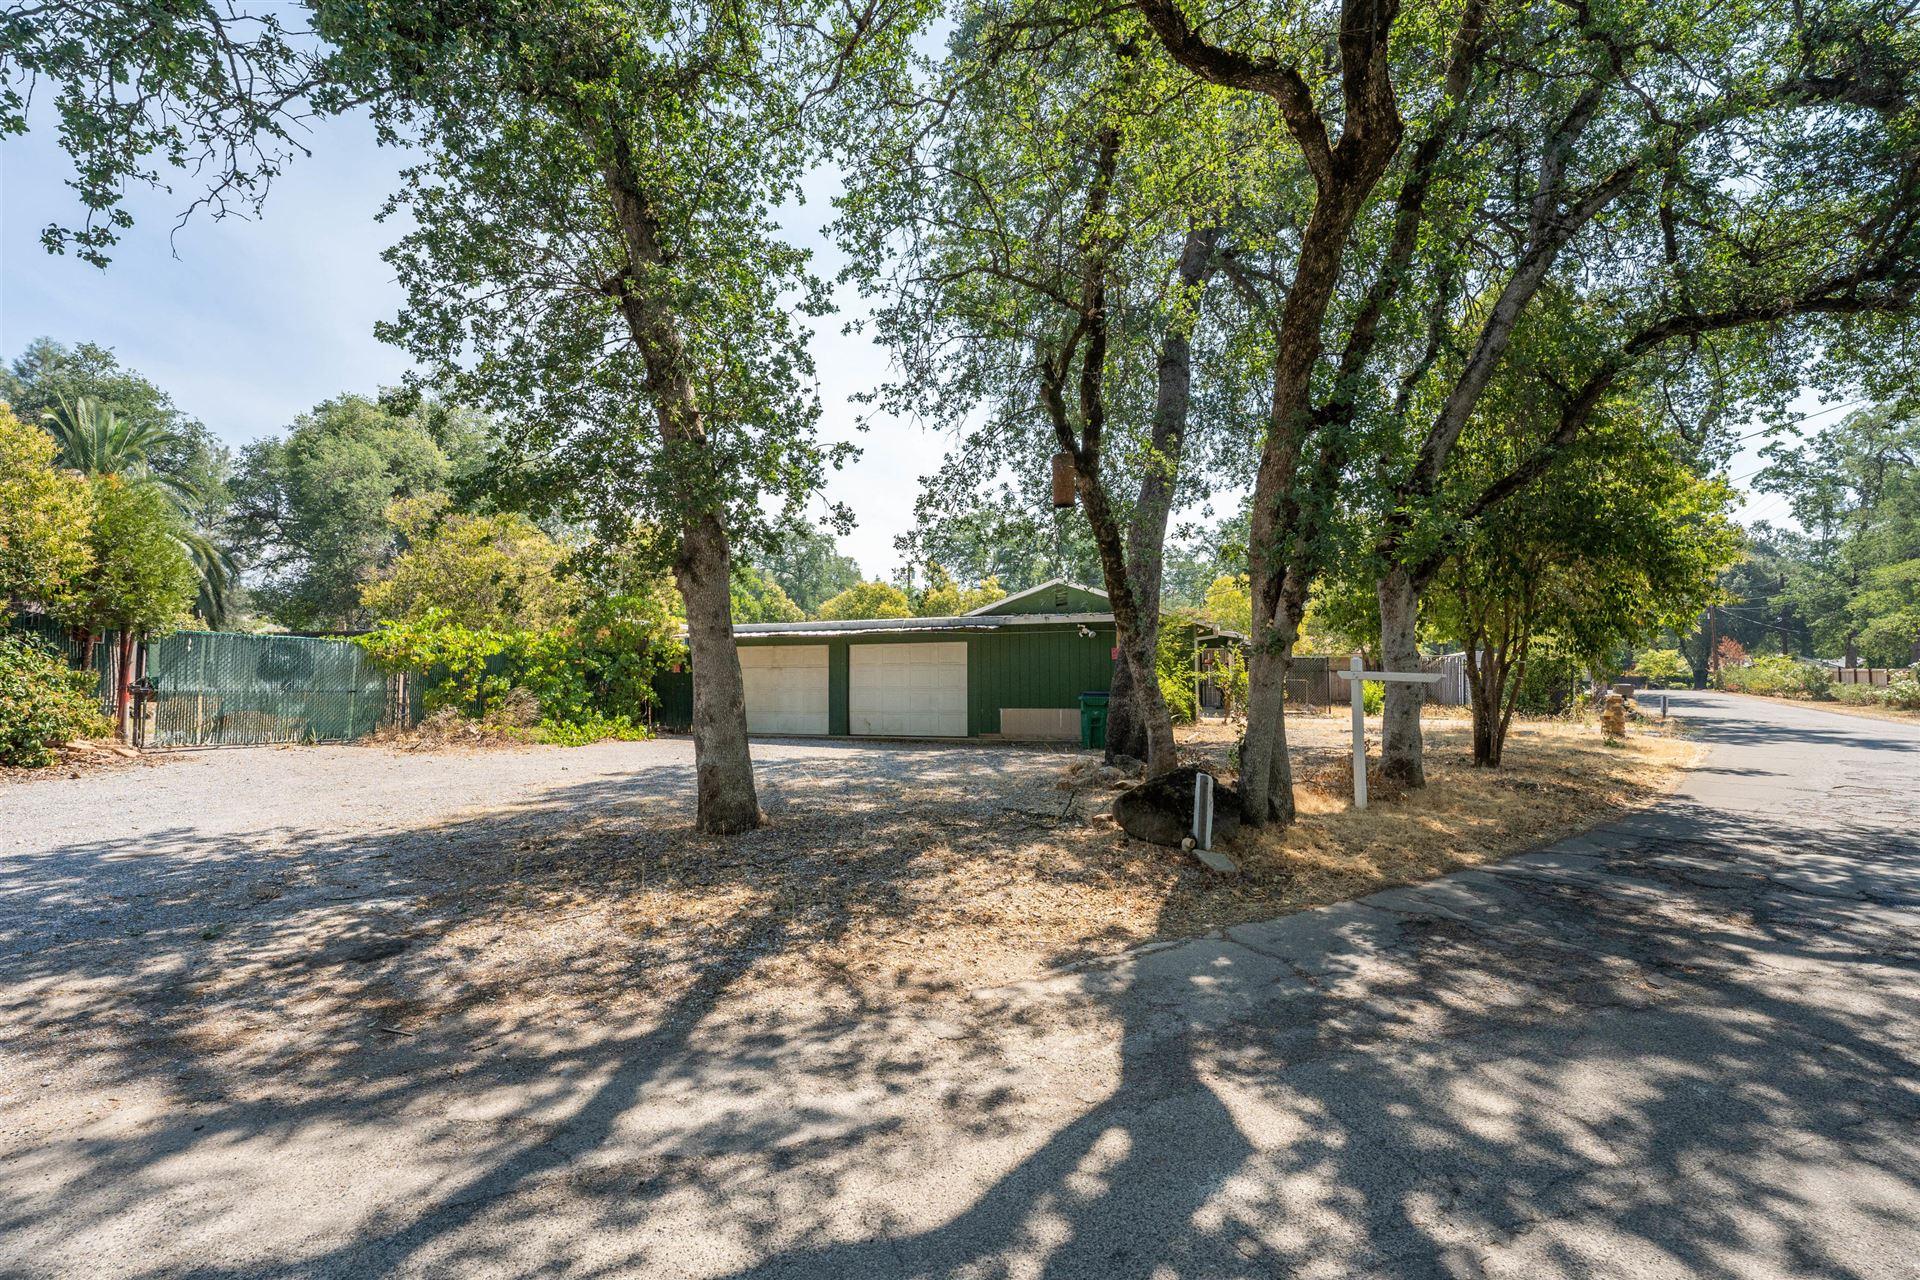 Photo of 4779 Deer Creek Ave, Shasta Lake, CA 96019 (MLS # 21-3718)